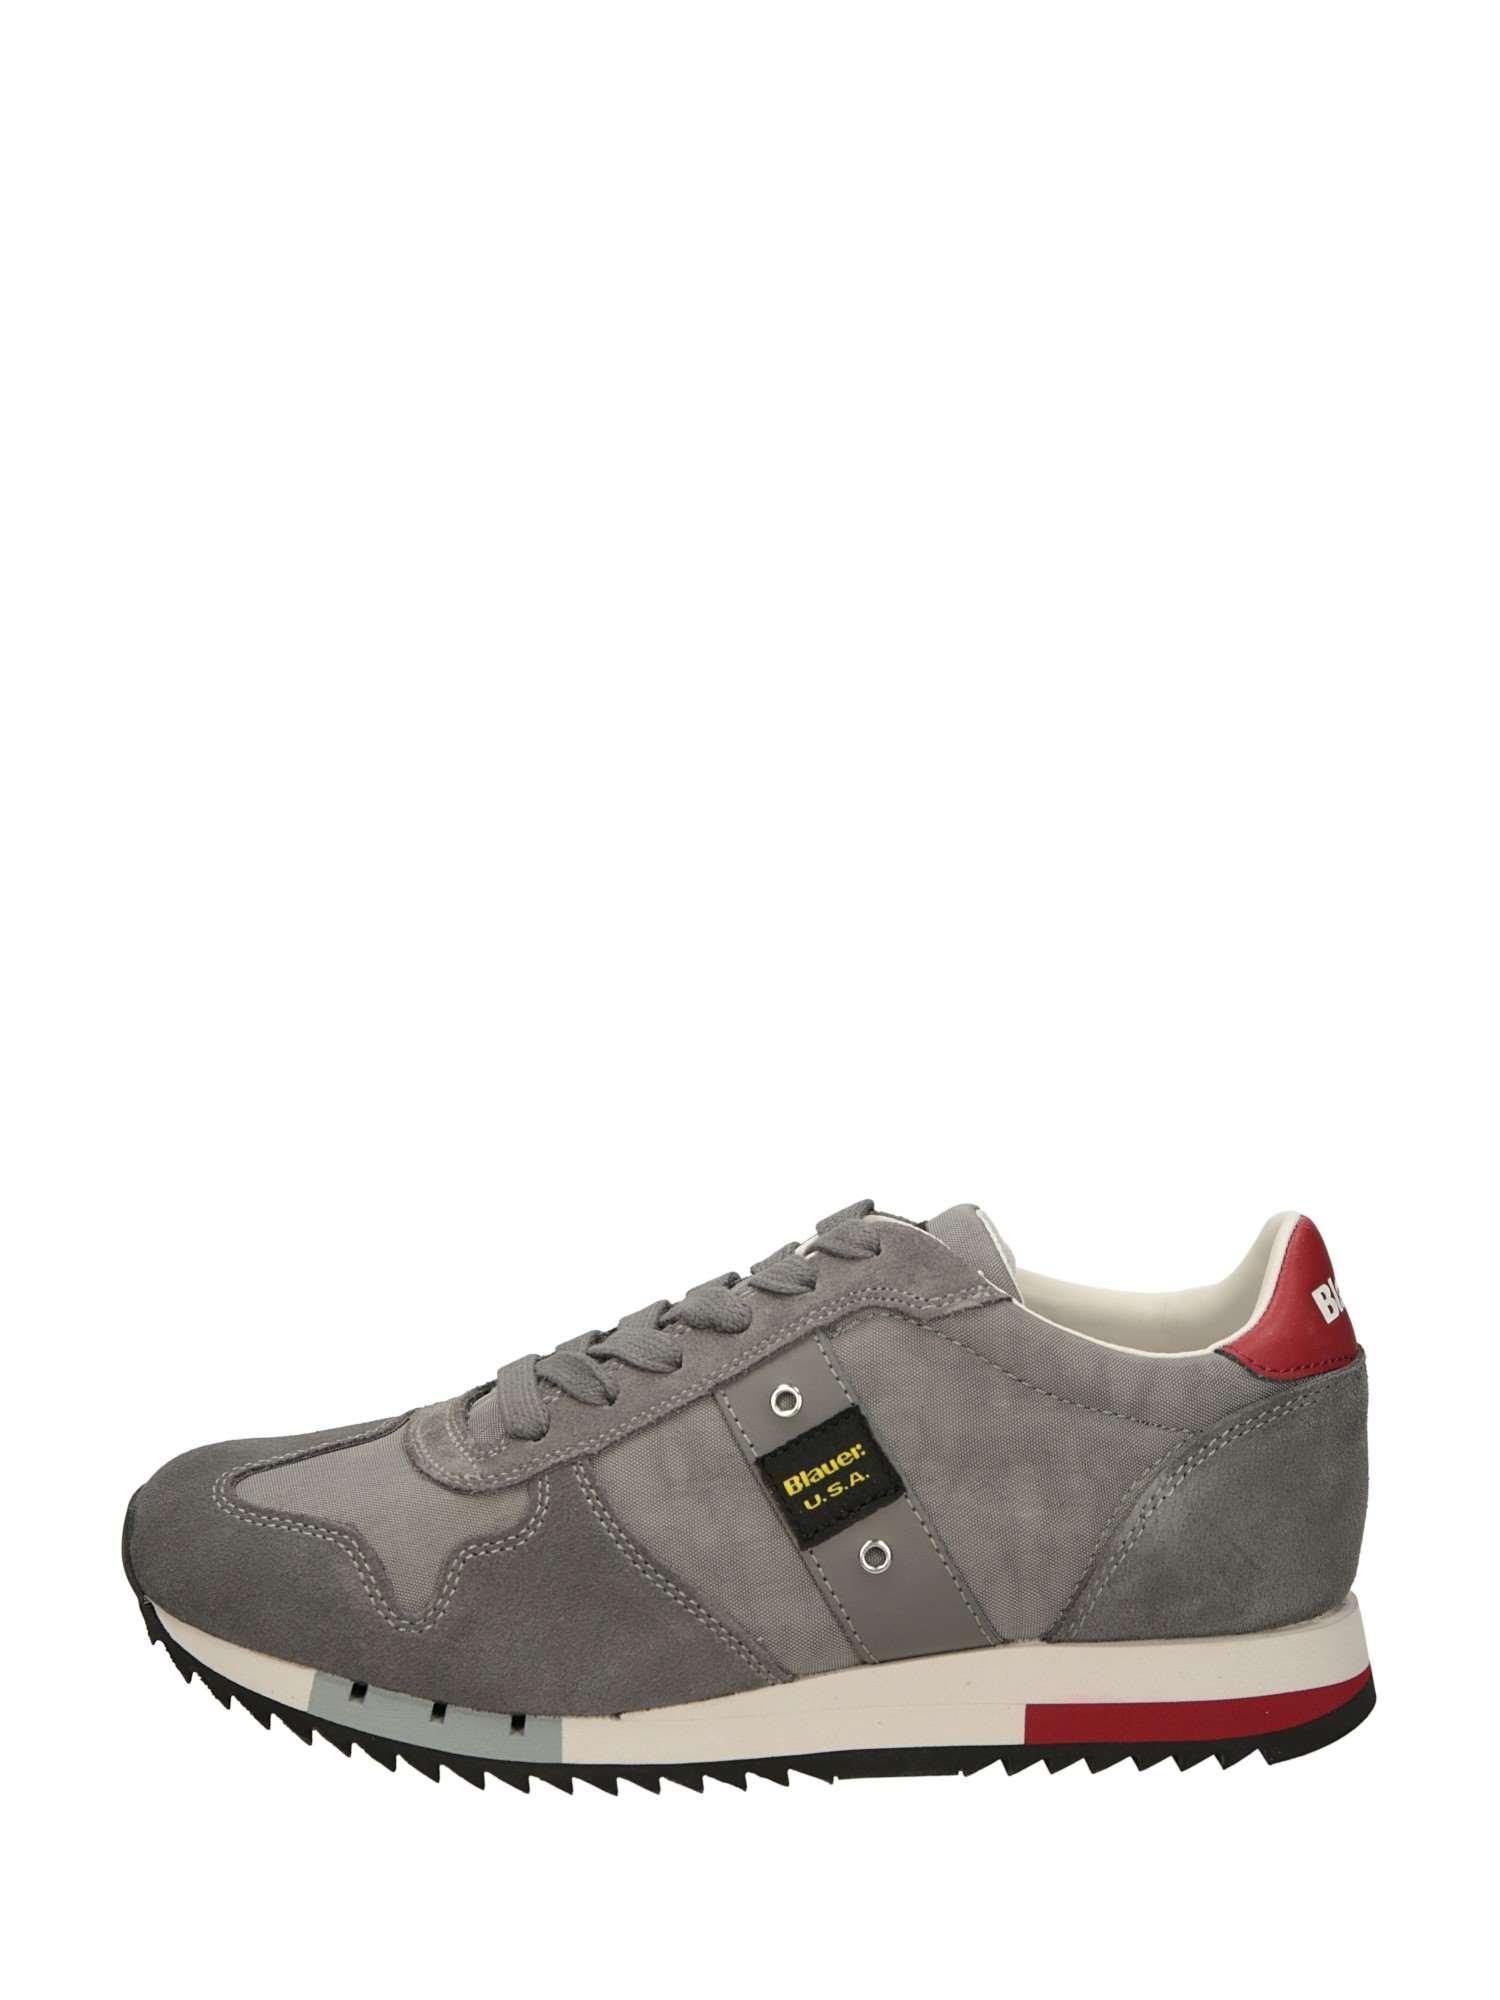 50 Grigio Blauer 50 Uomo Sneakers Basse Camoscio PxYqaTO 2d73c97608d